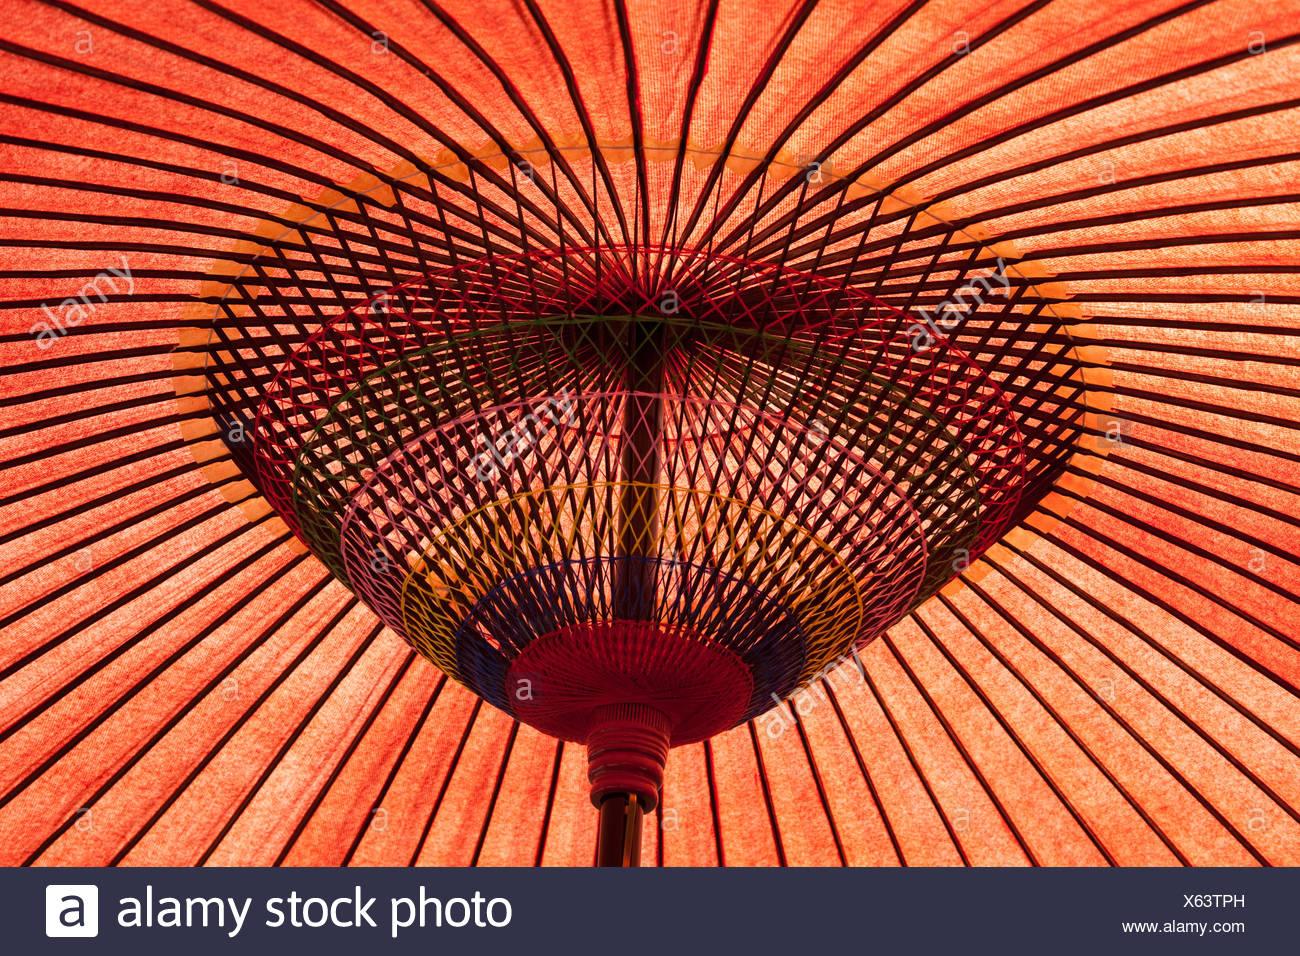 asiatic sunshade umbrella Stock Photo